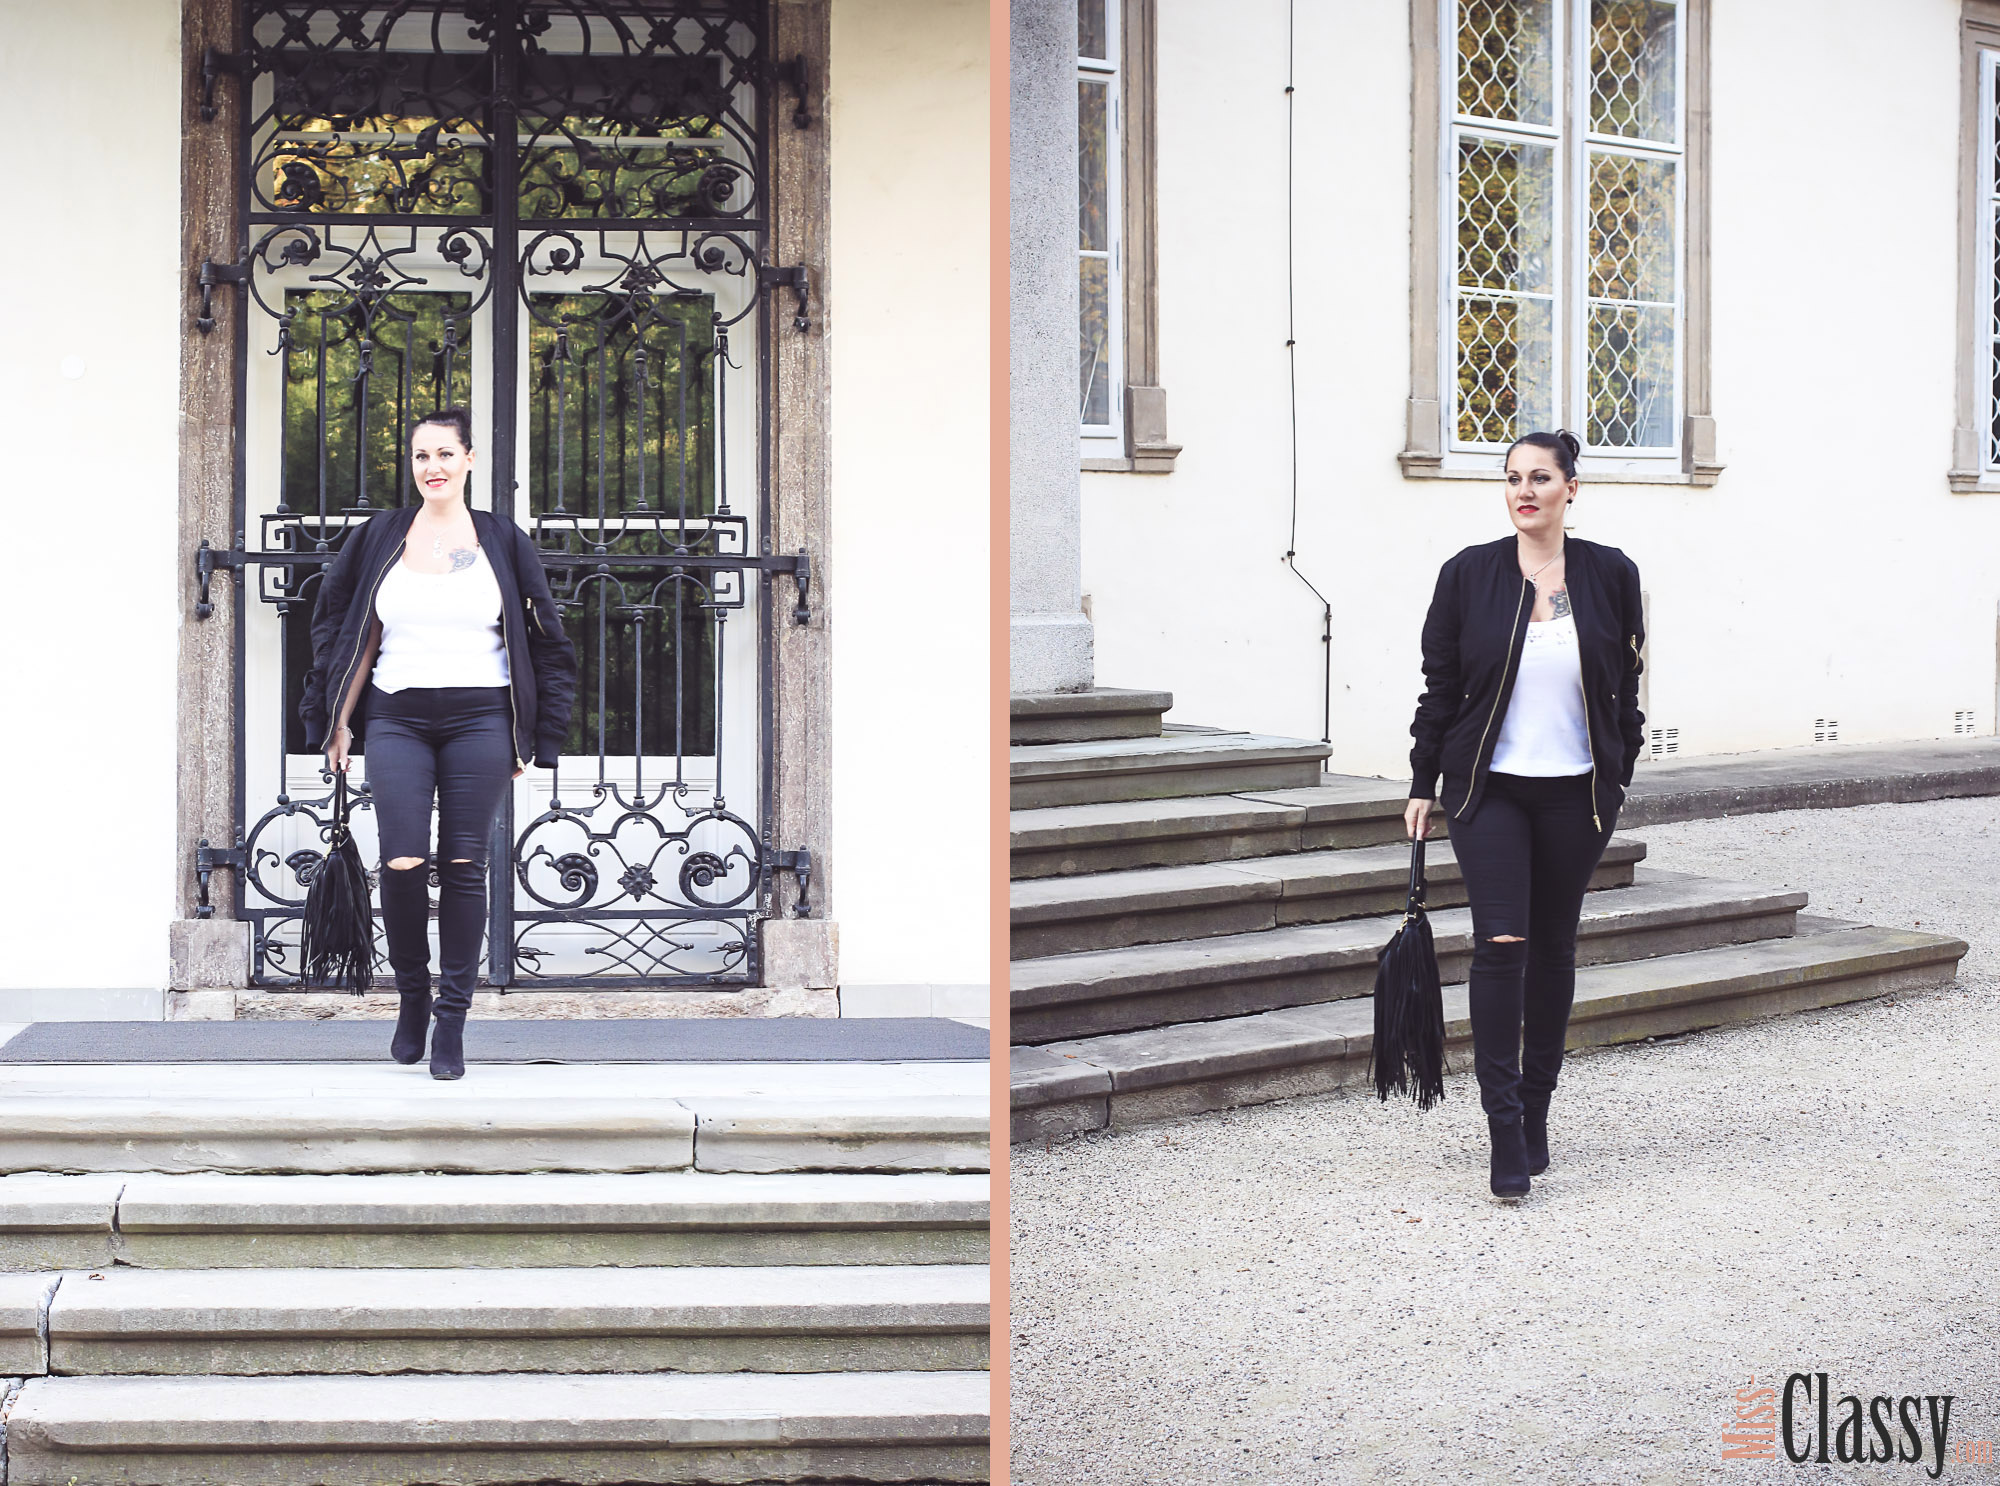 OUTFIT Schwarze Bomberjacke mit ripped Jeans und Fransentasche - Stiefelette - Guess - MAC Lippenstift - Graz - Orangerie im Burggarten